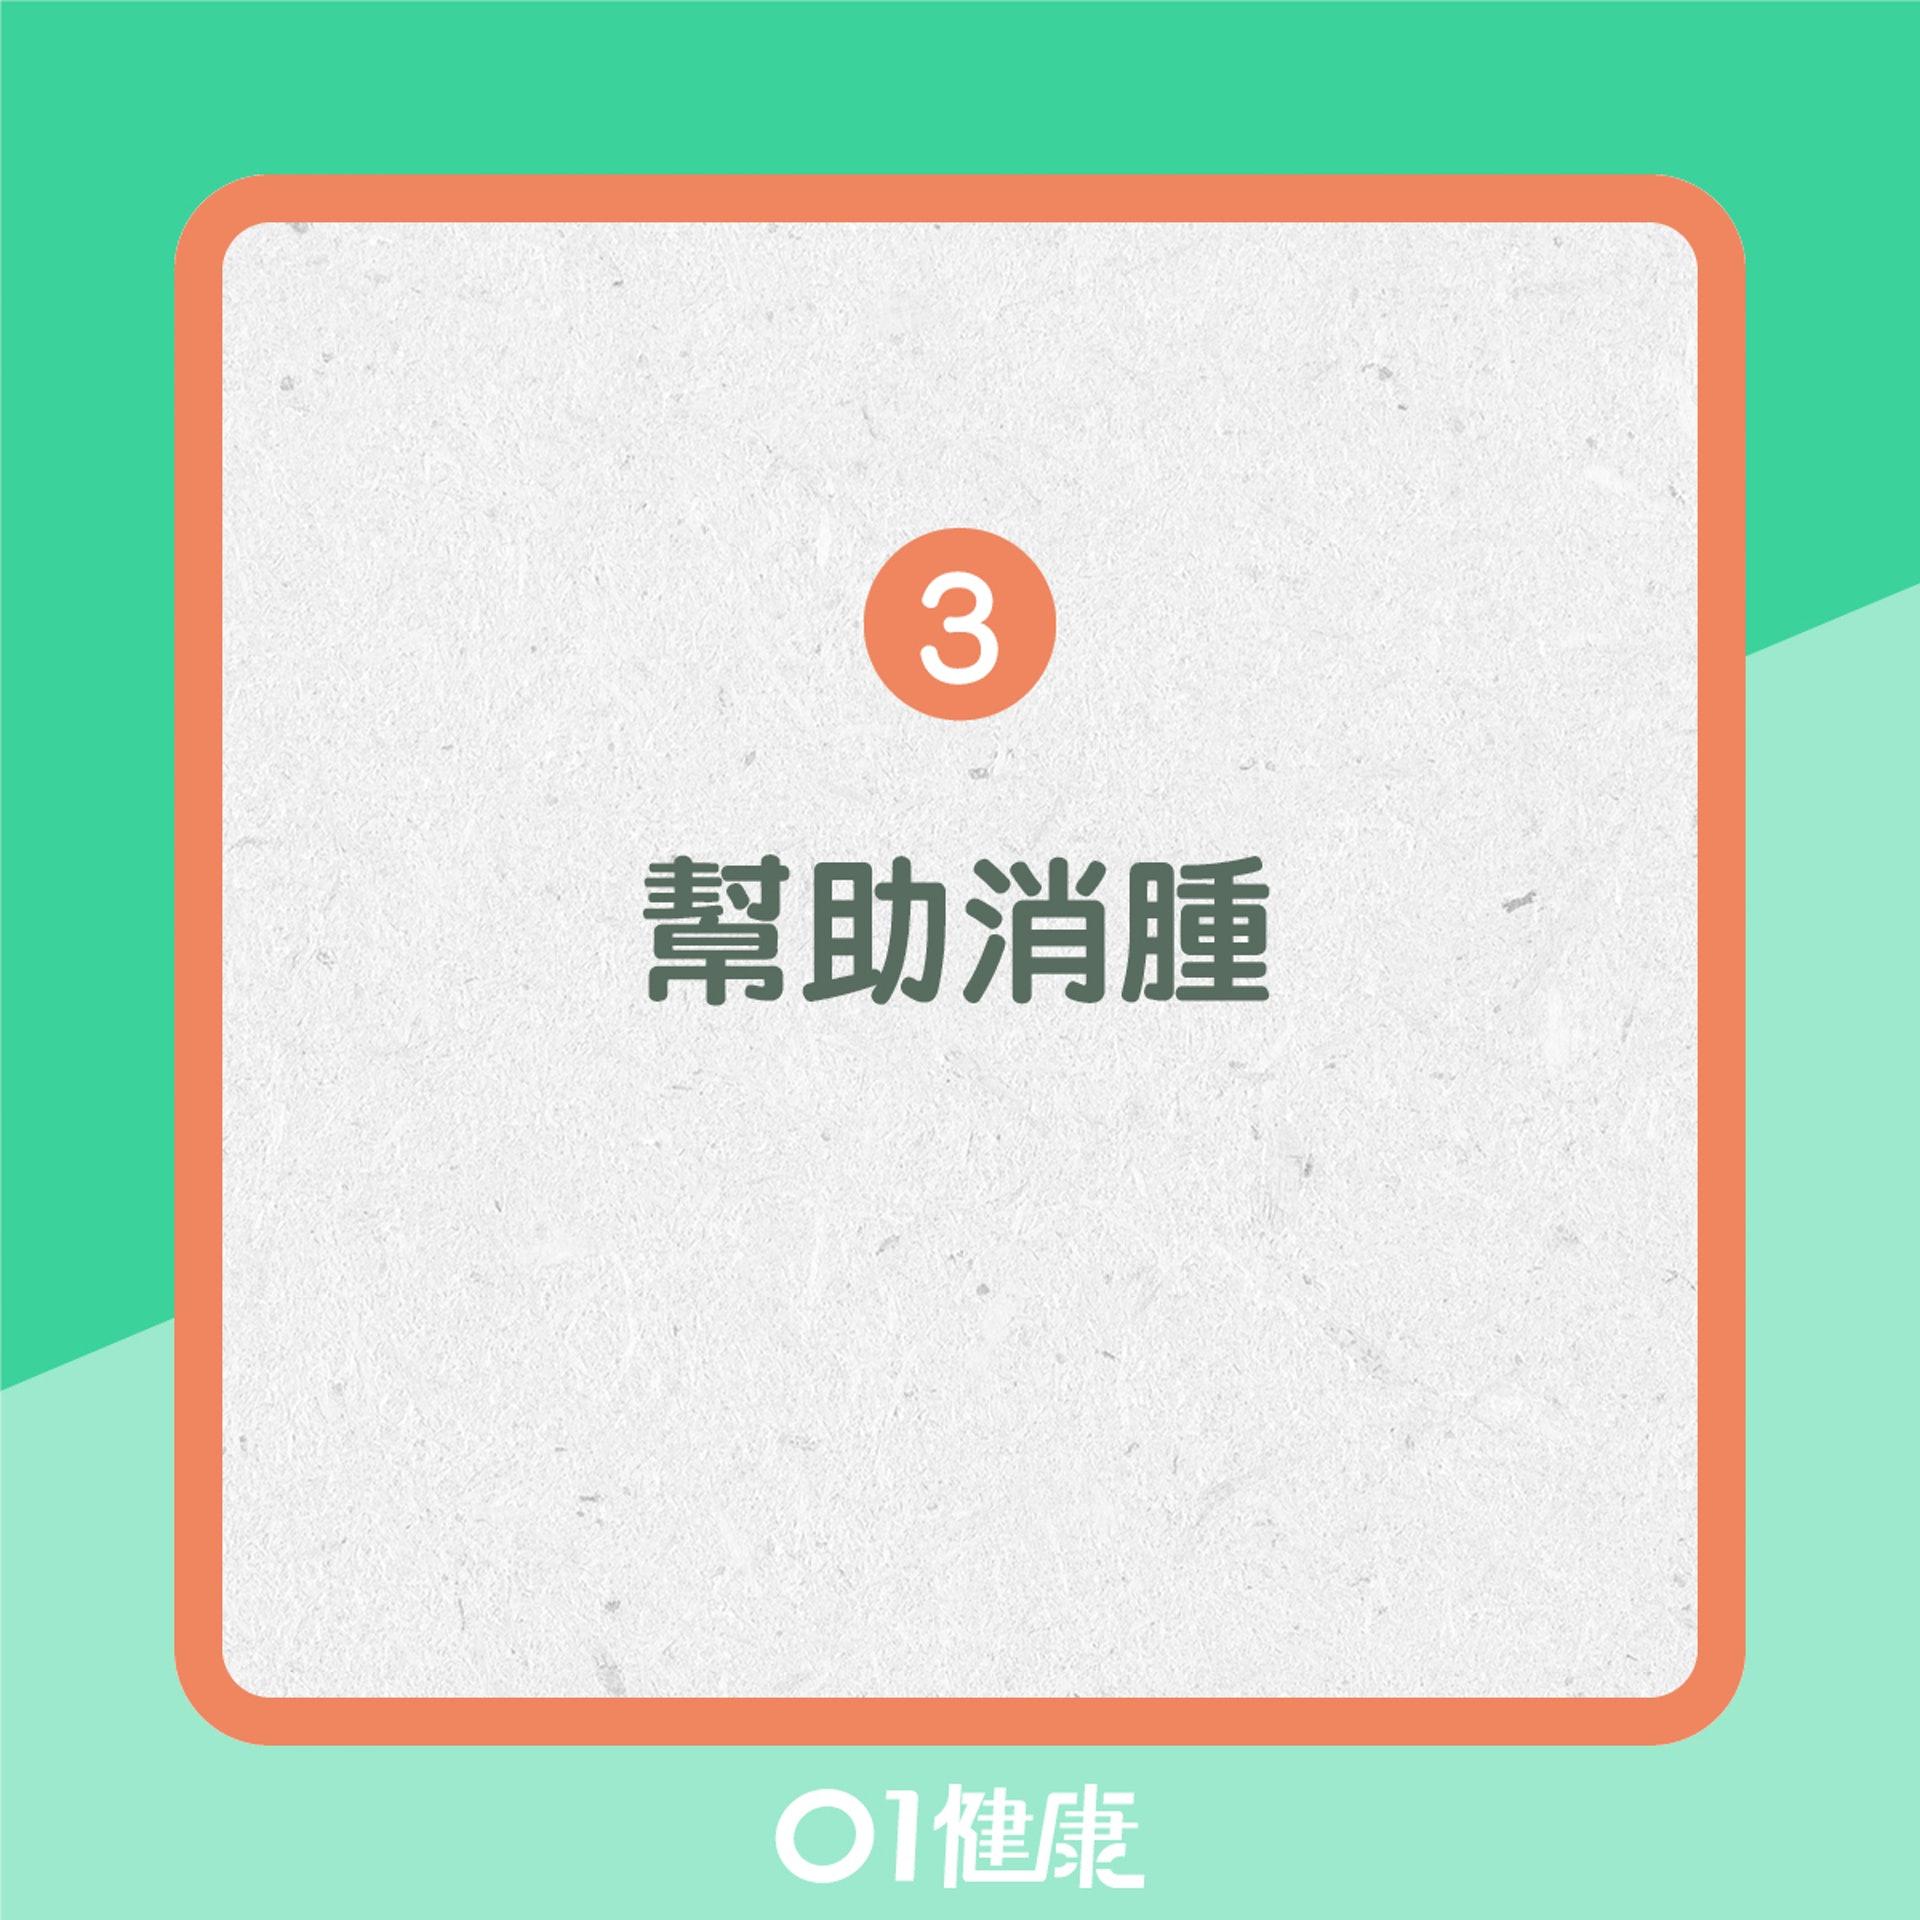 3. 幫助消腫(01製圖)